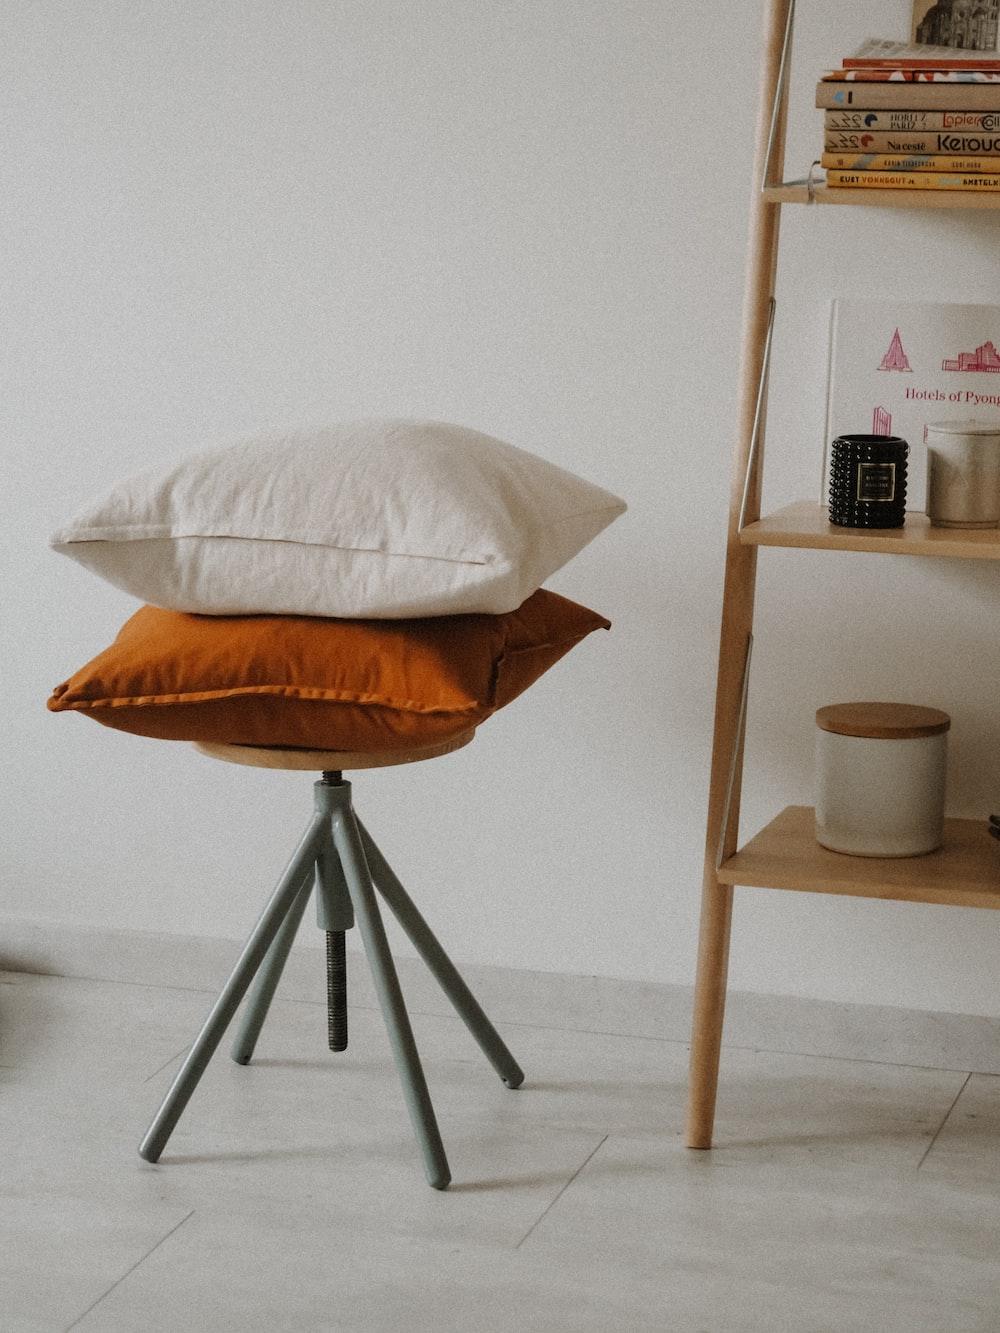 white round table with white round pillow